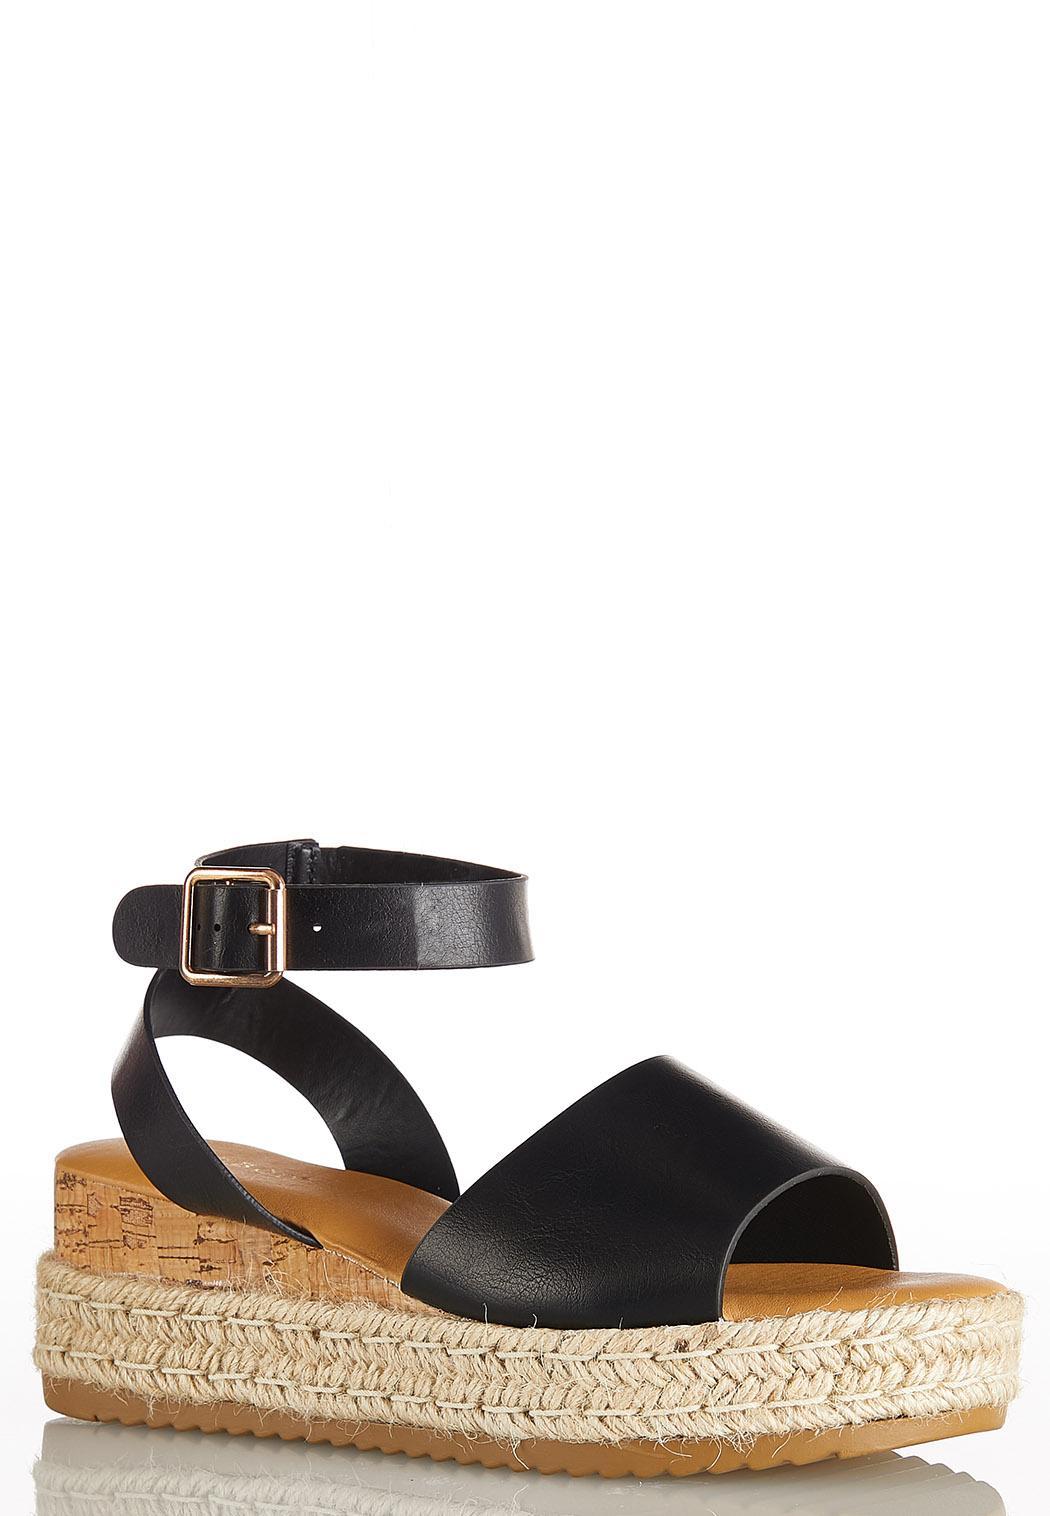 Ankle Strap Flatform Wedges